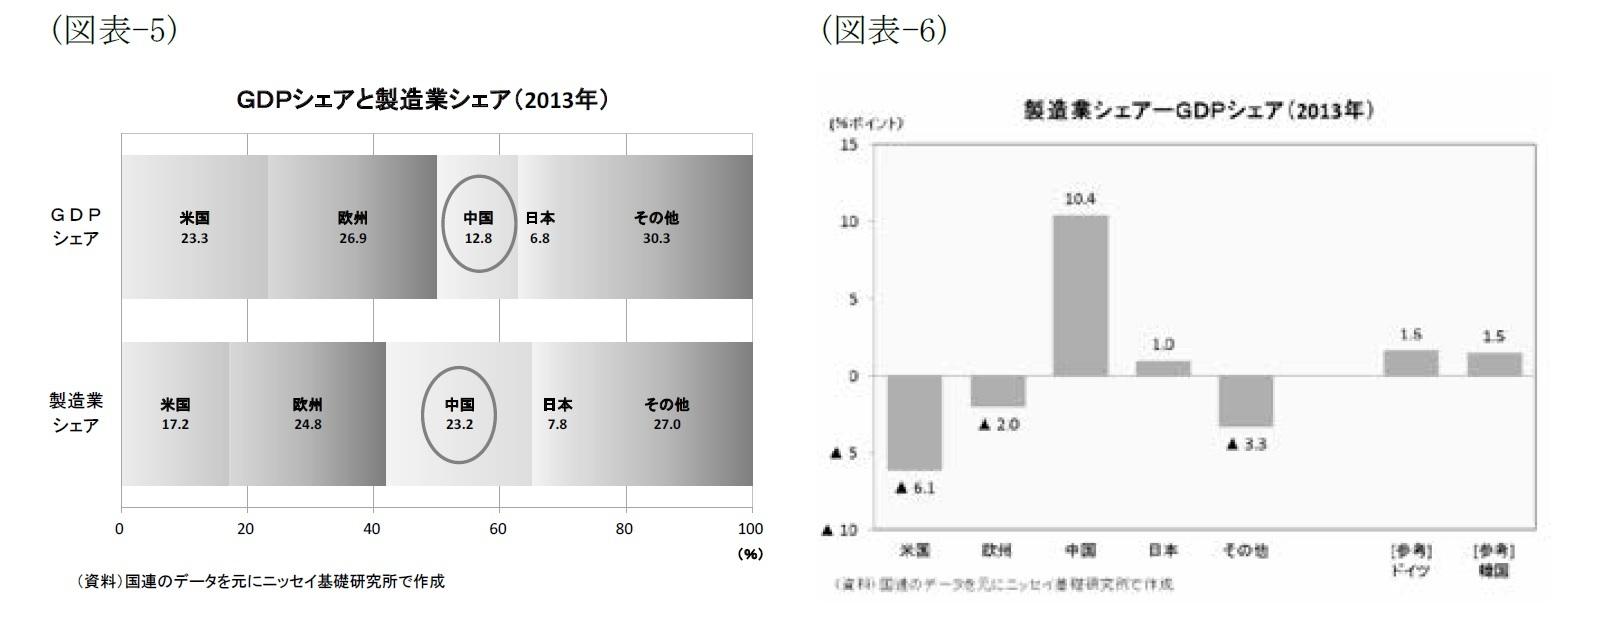 (図表-5)GDPシェアと製造業シェア(2013年)/(図表-6)製造業シェア-GDPシェア(2013年)